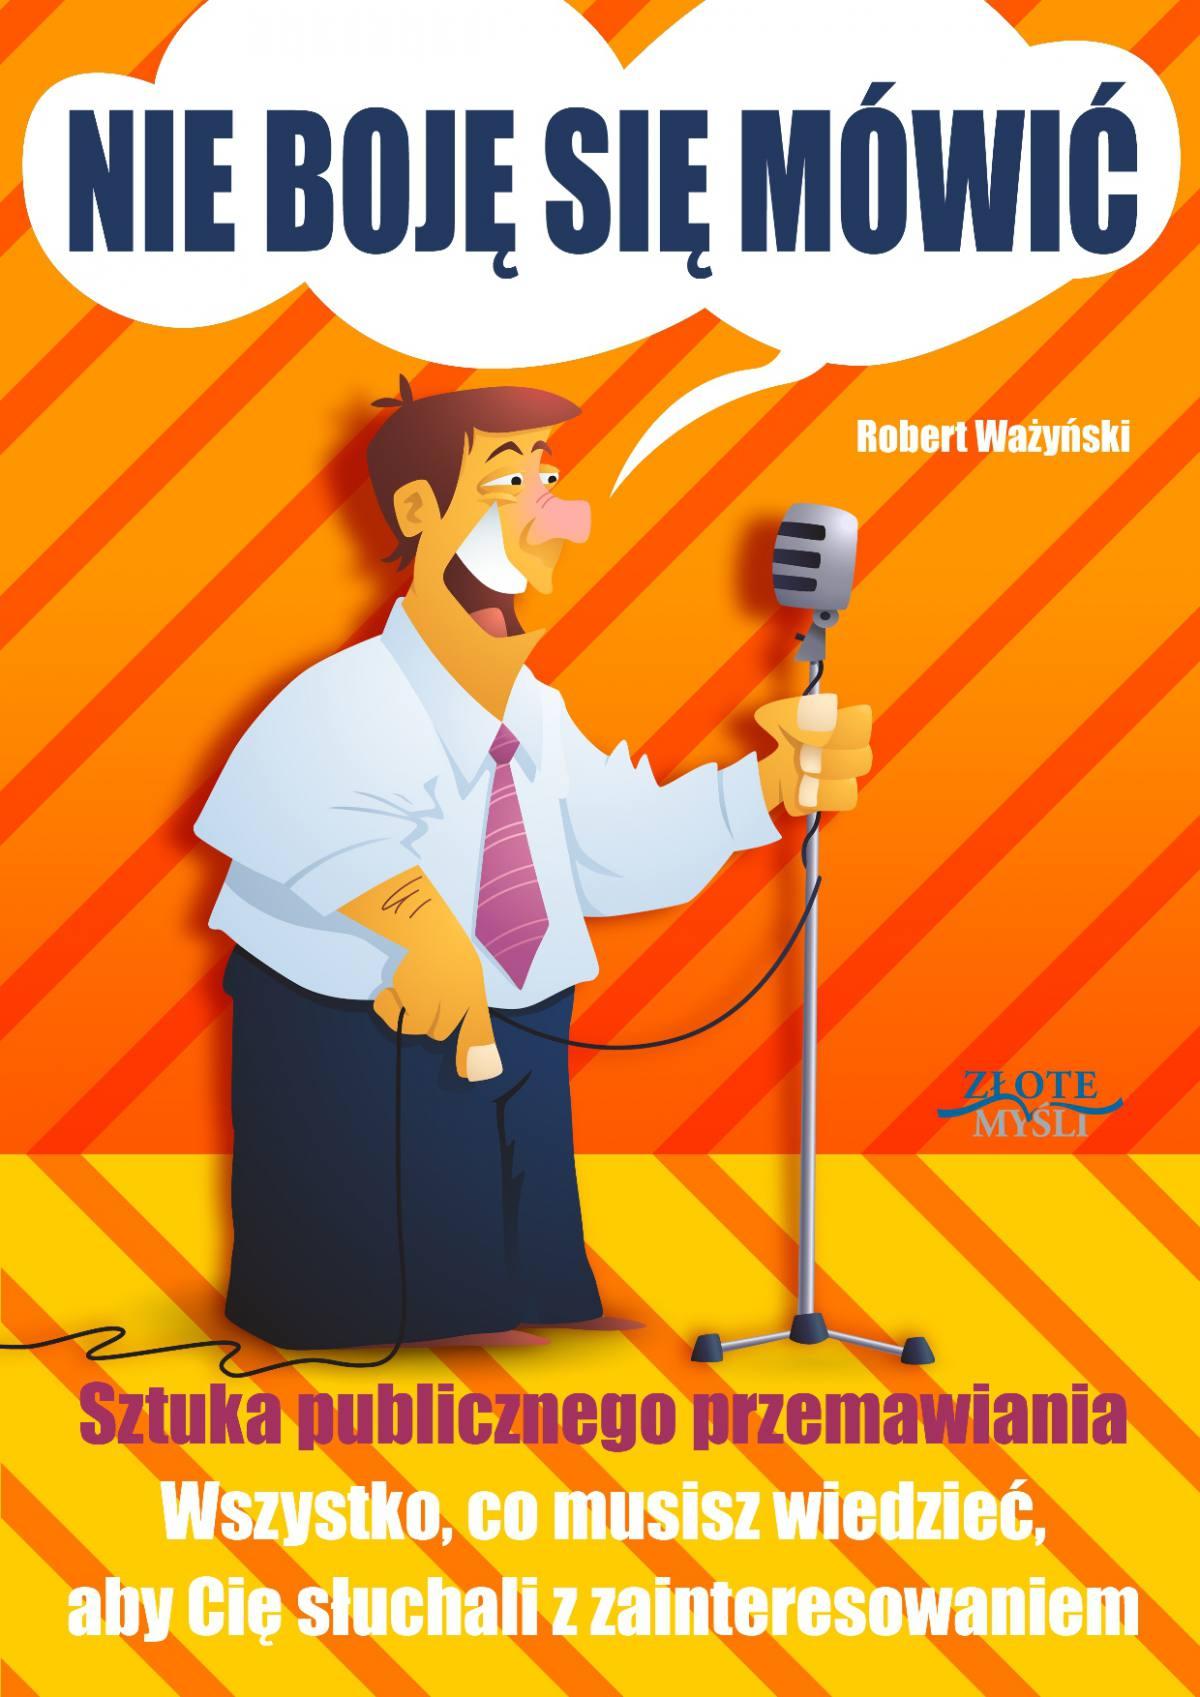 Nie boję się mówić! - Ebook (Książka PDF) do pobrania w formacie PDF